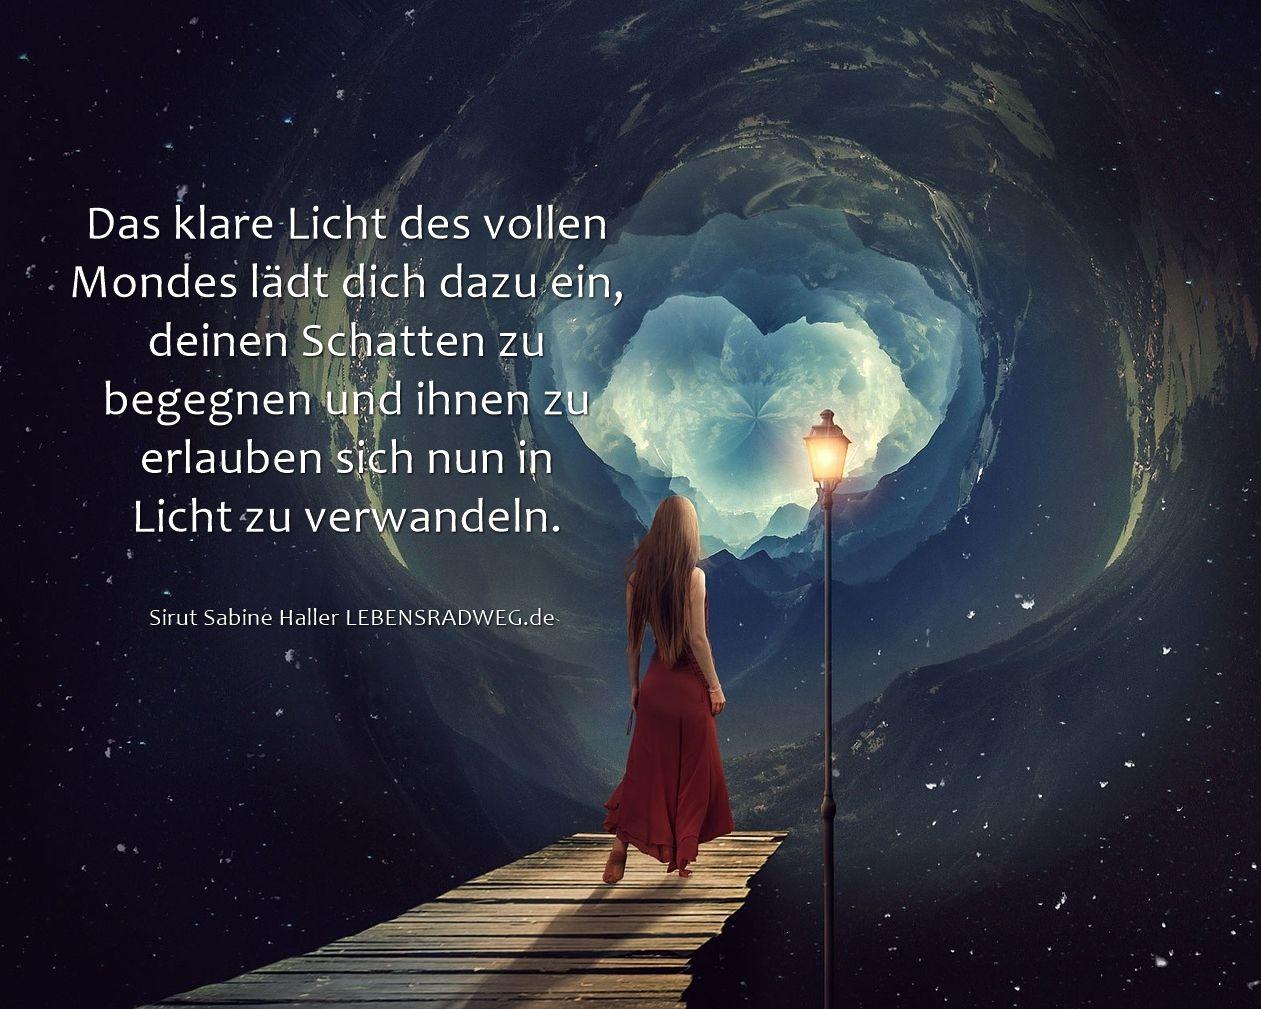 Dein Leben im hellen Licht des Mondes betrachtet, wirft ebenso viel Klarheit darauf, wie die Sonnenstrahlen. Doch wo viel Licht ist, zeigen sich auch viele Schatten. Und so möchte auch der silbern …